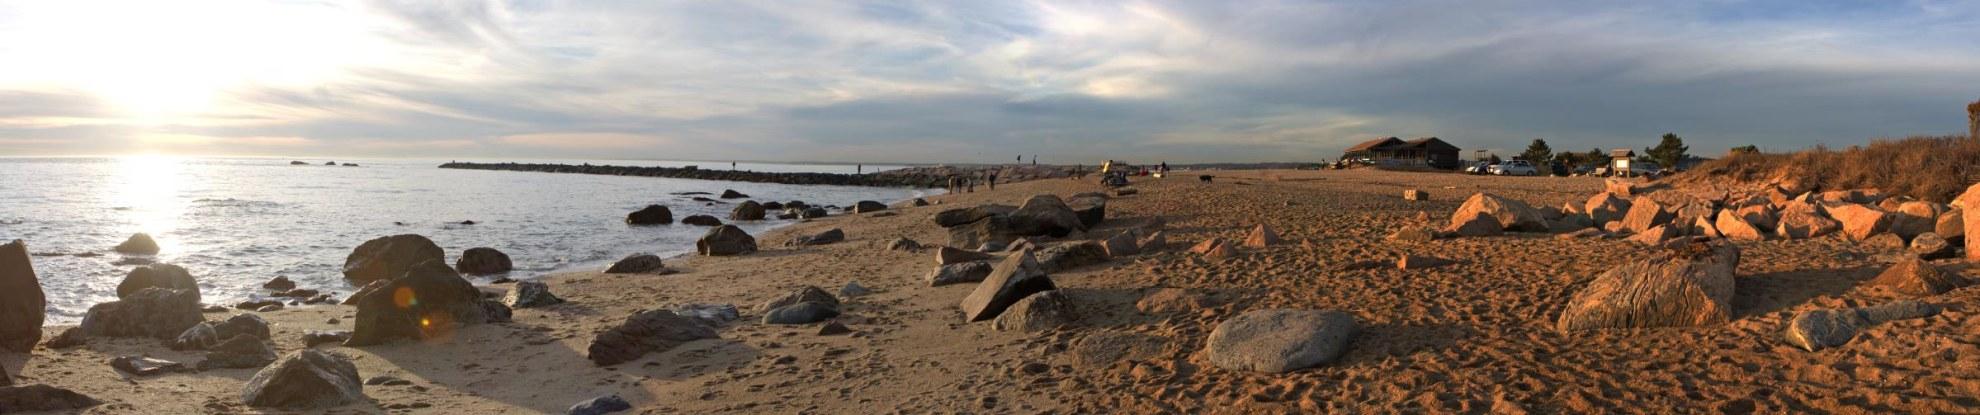 Photo of Hammonassett Beach